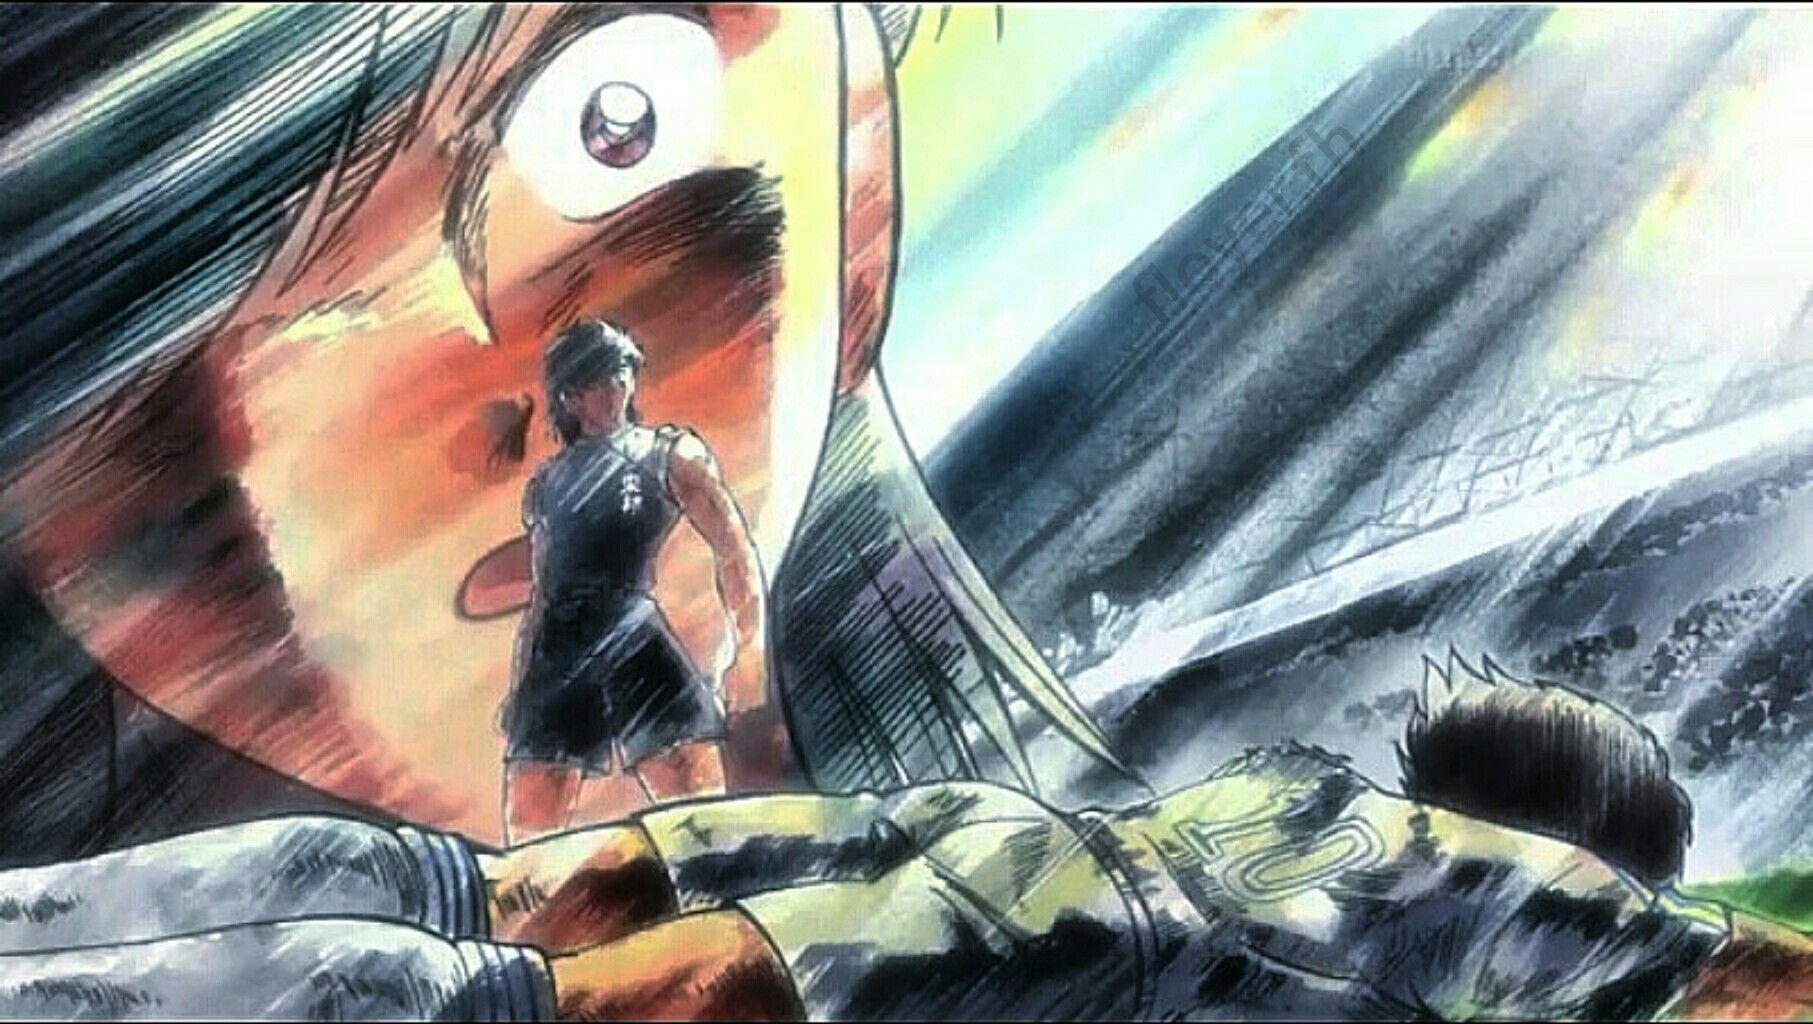 Hyuga and Tsubasa battle Capitan tsubasa, Captain